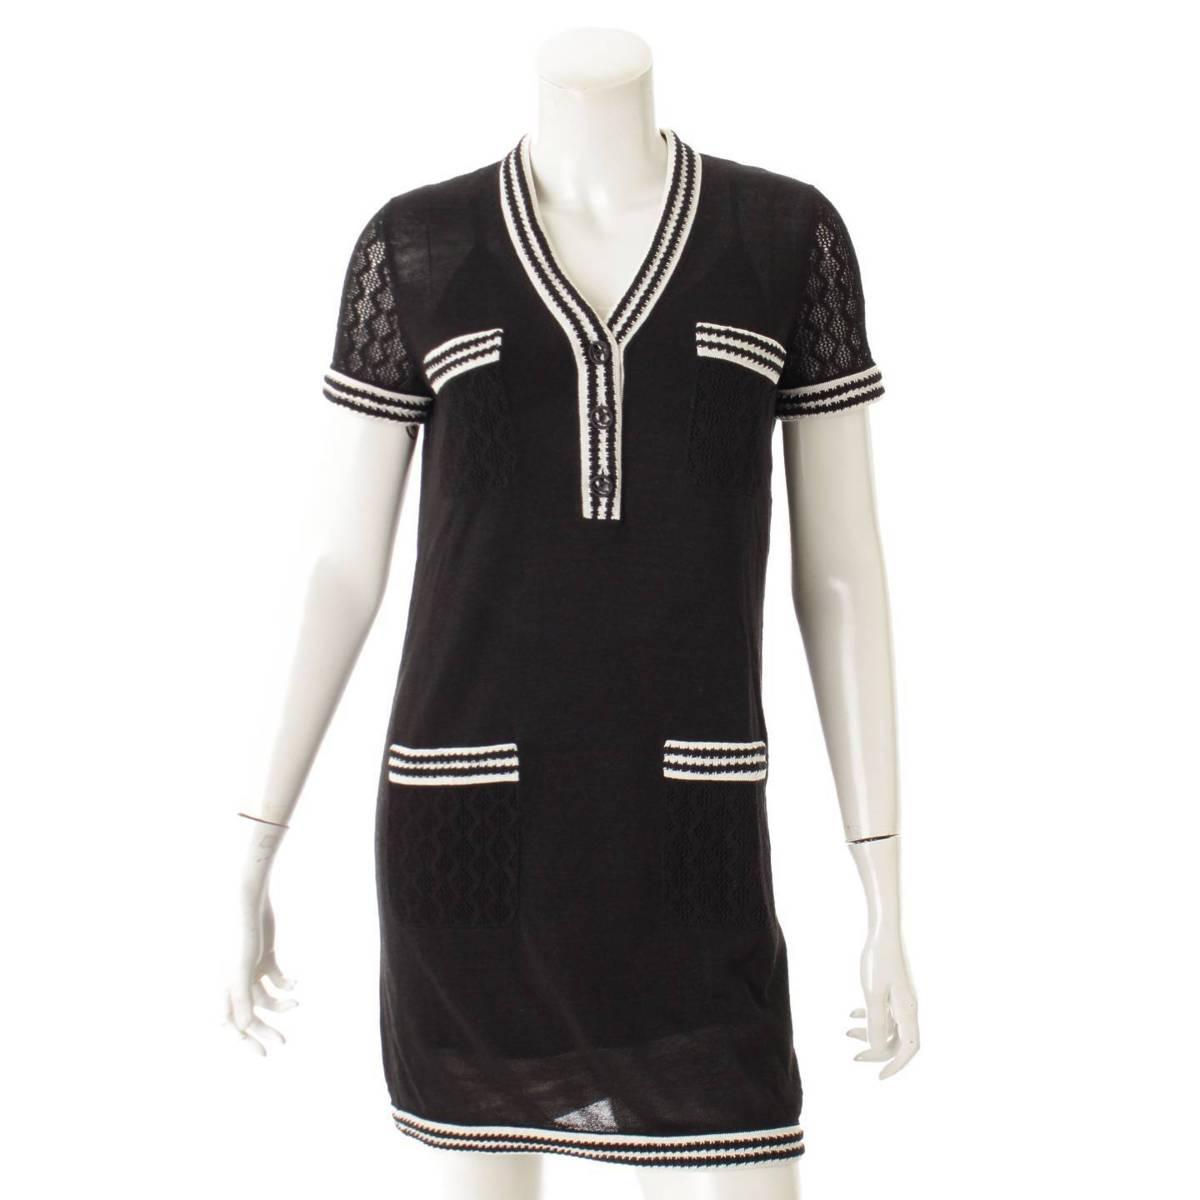 【シャネル】Chanel 19P シルク キャミソール付き 半袖 ニット ワンピース ドレス P60682 ブラック 34 【中古】【鑑定済・正規品保証】82518